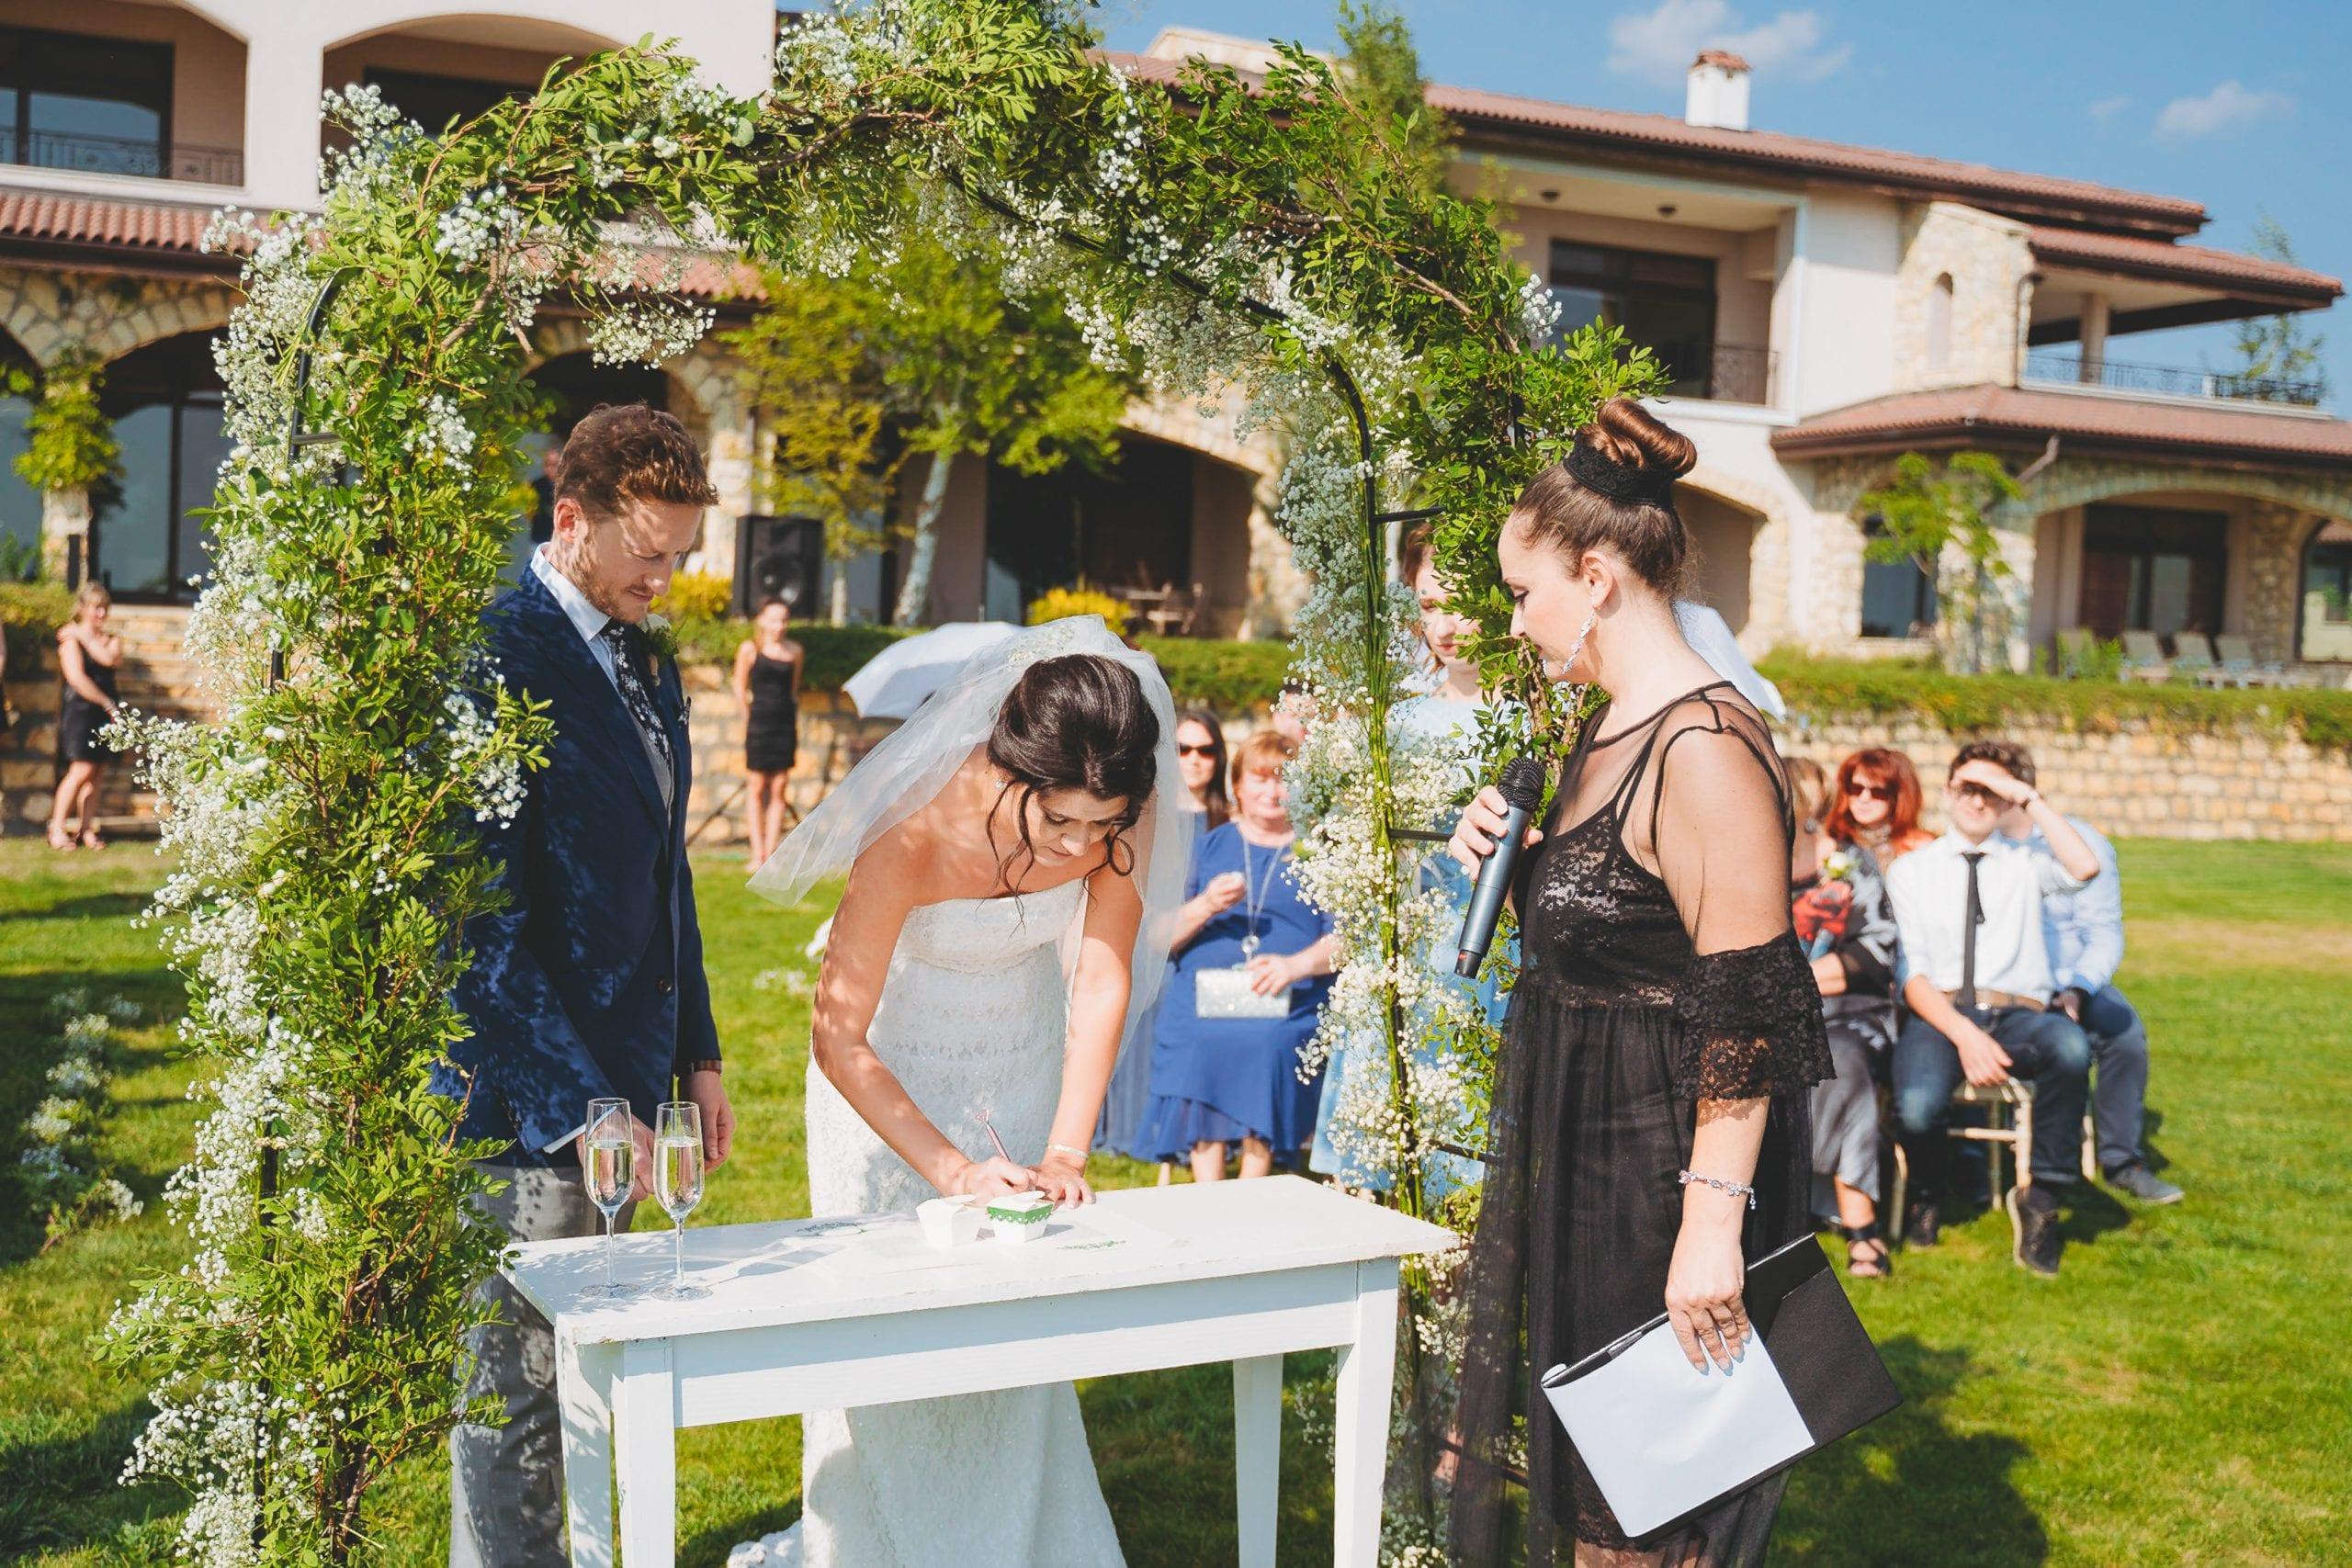 Сватбена церемония, водеща на сватбена церемония